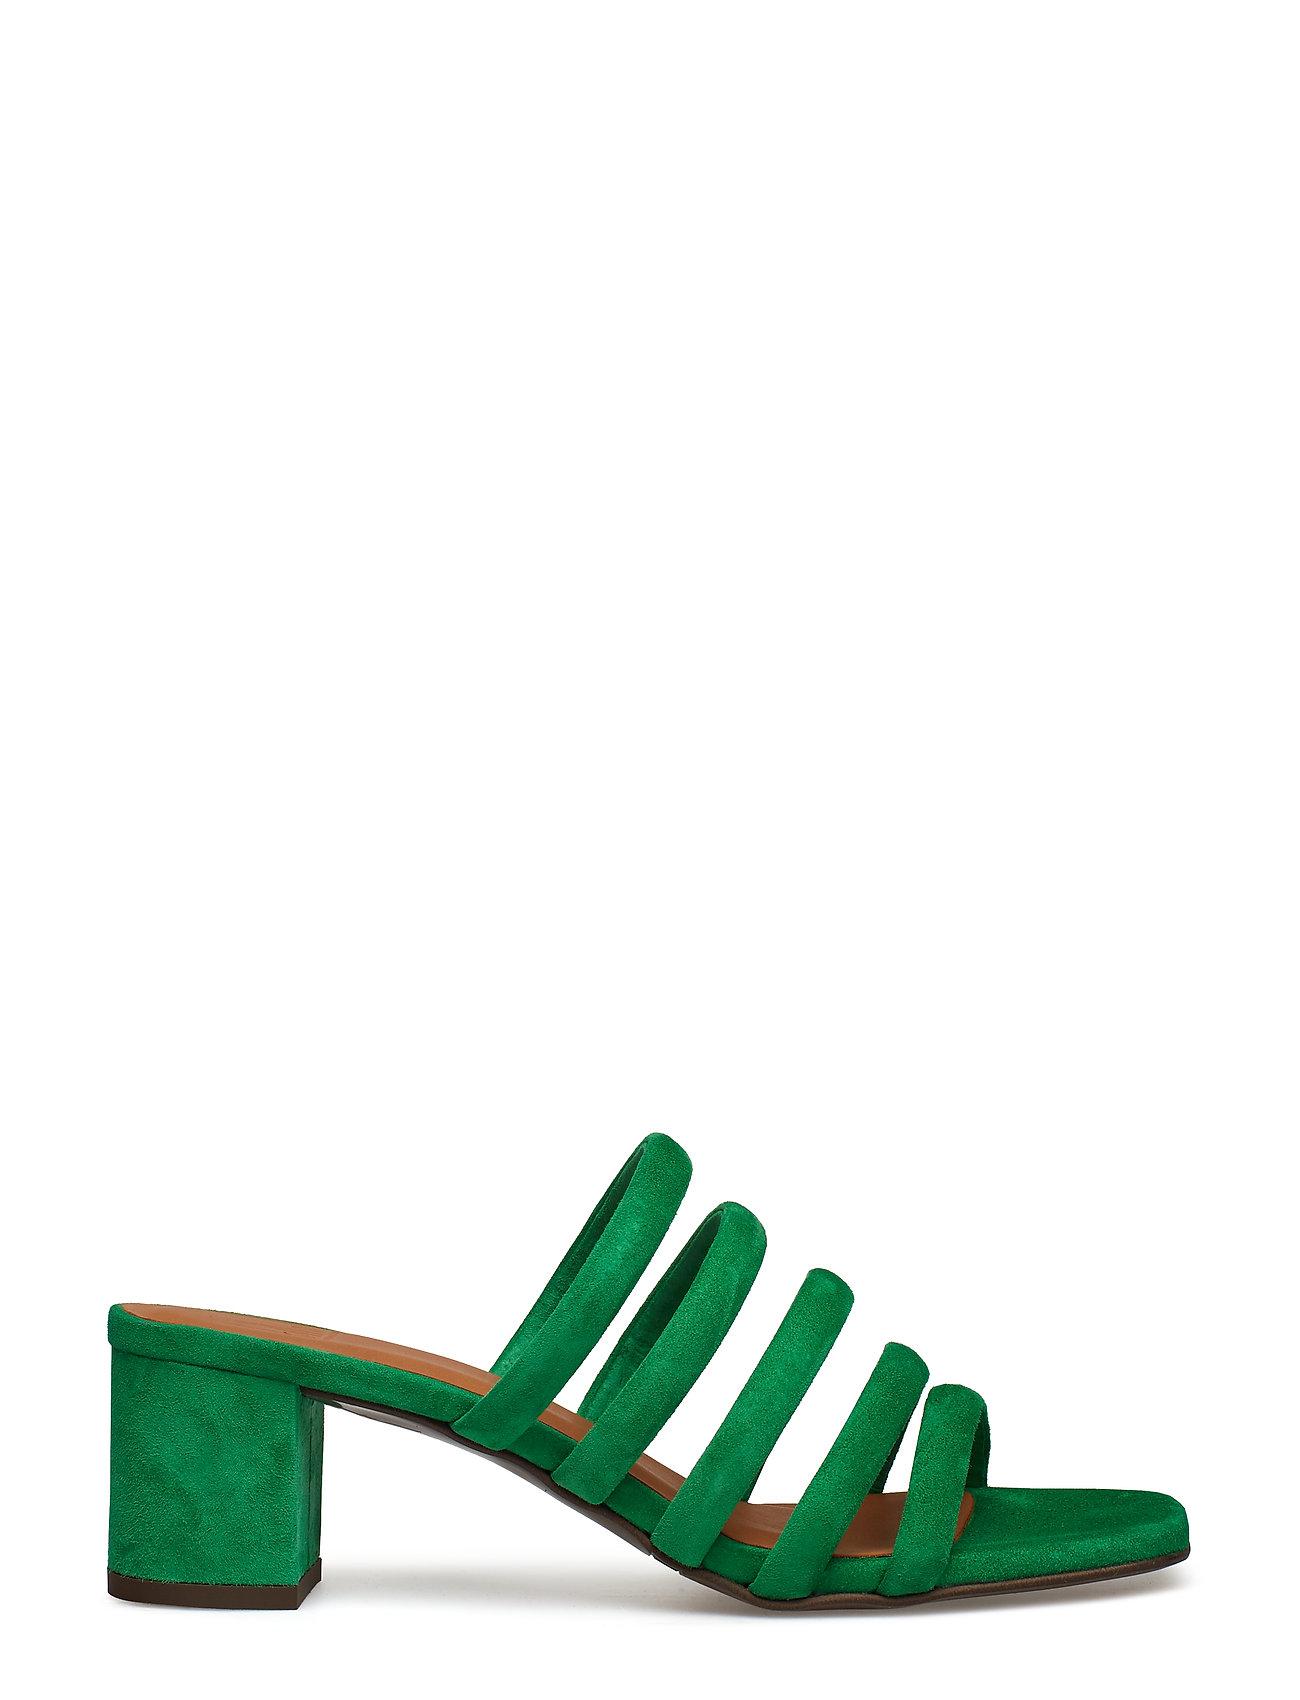 Grønne Sandaler med hæl til Damer   Altid billige online